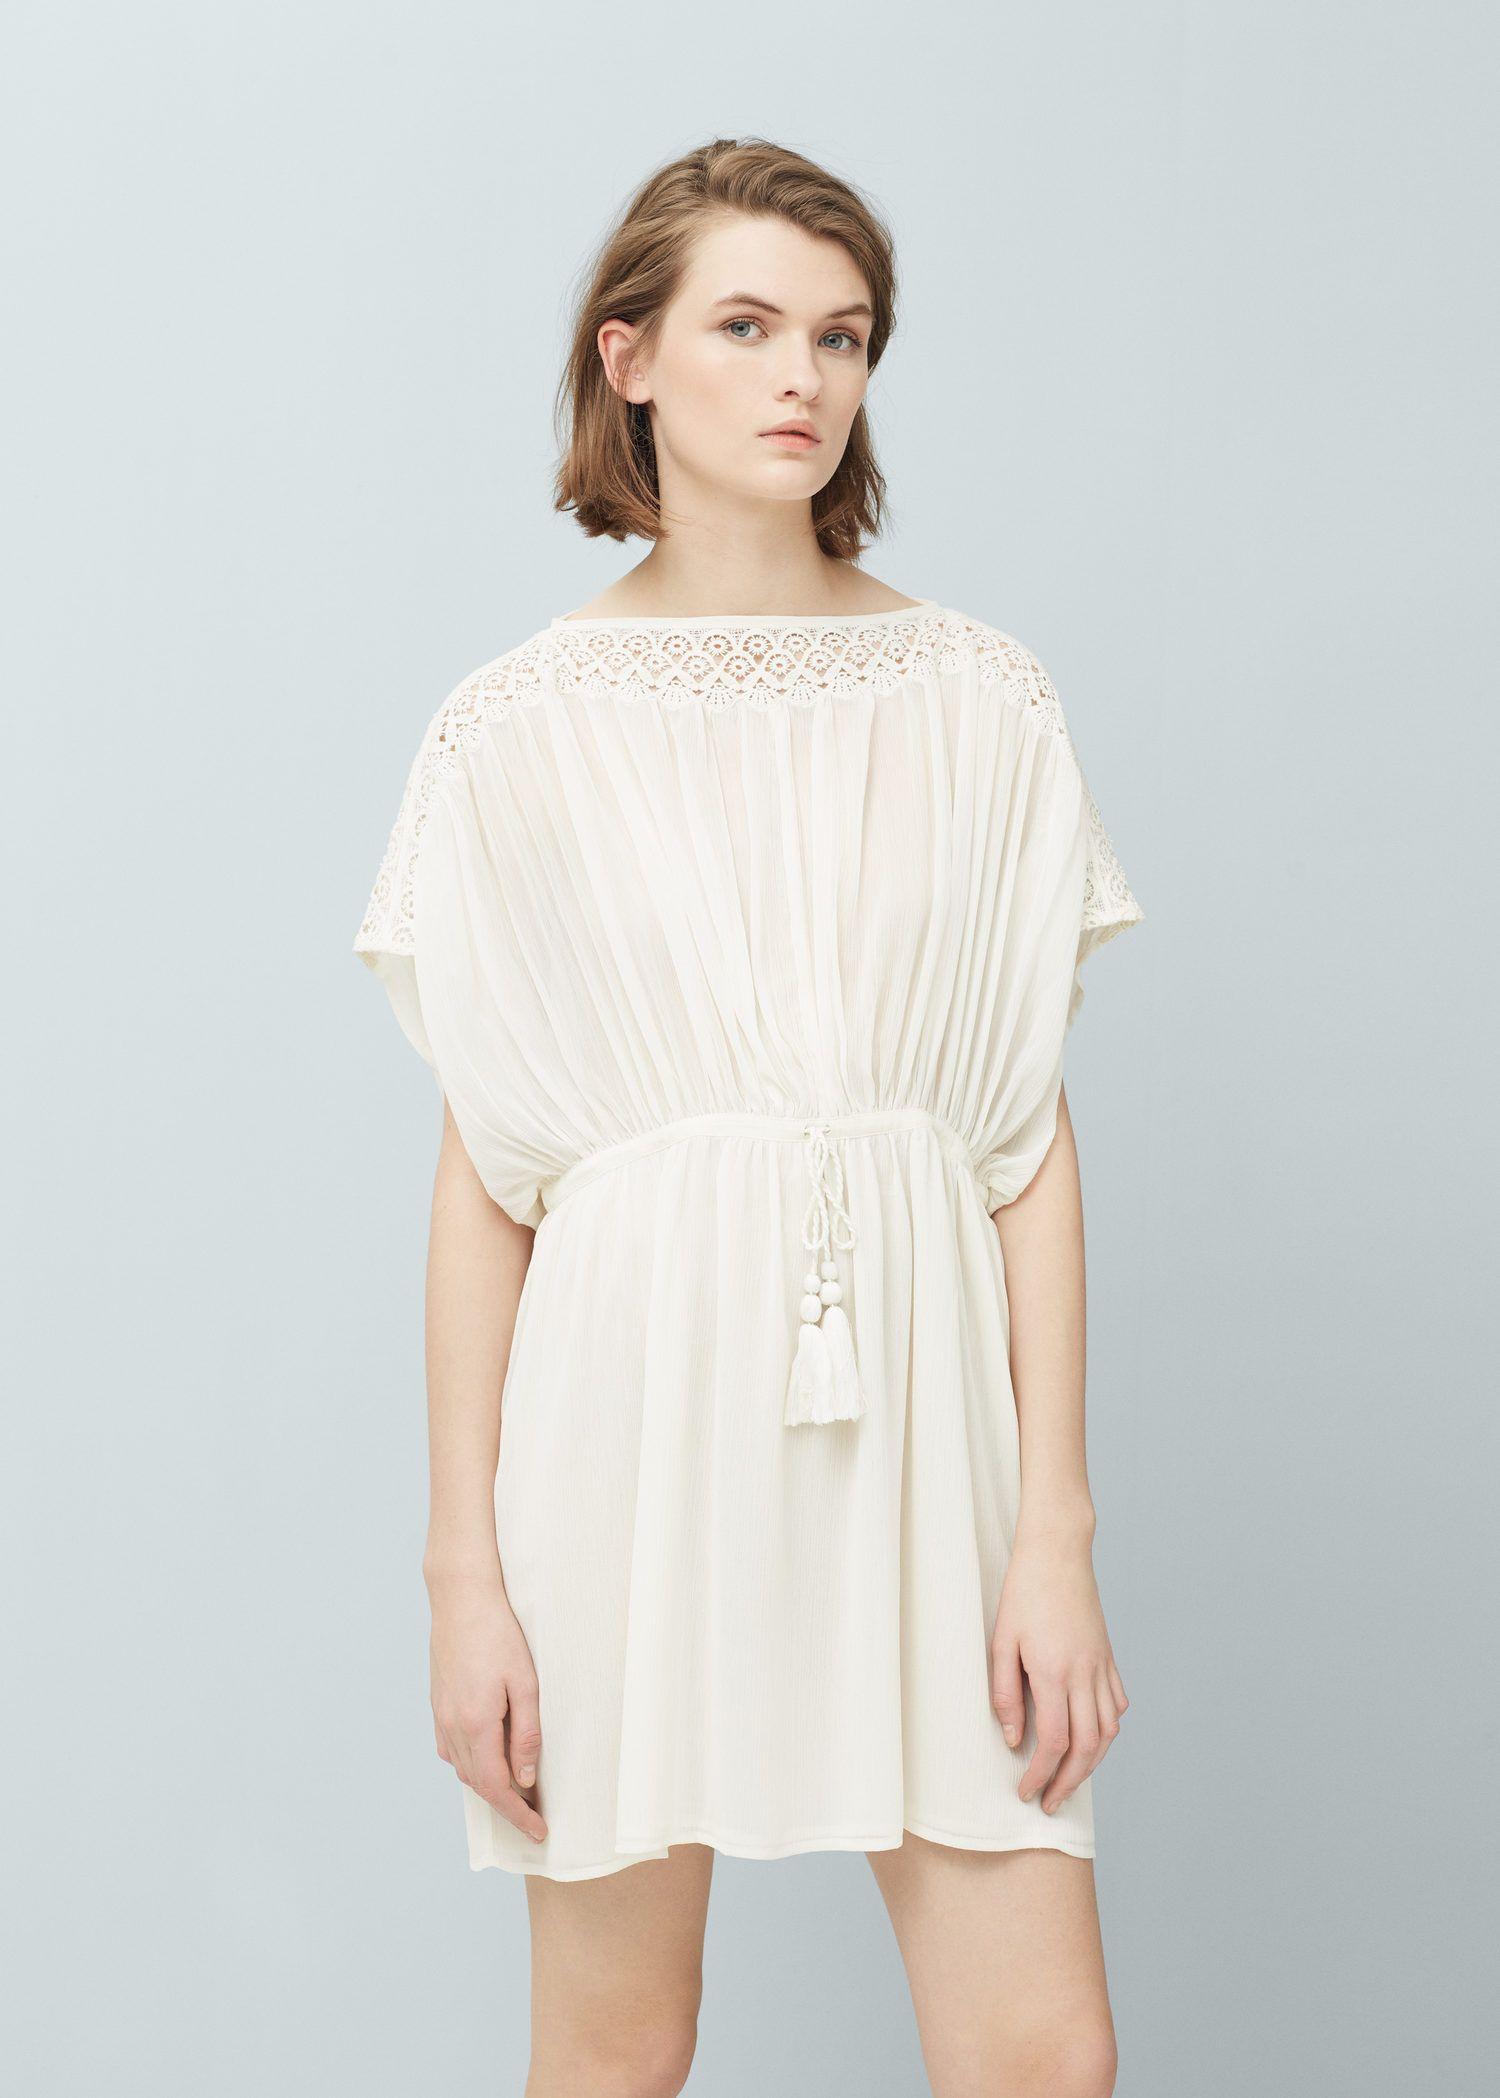 Vestido aplicações renda (cru): MANGO (19,99€)